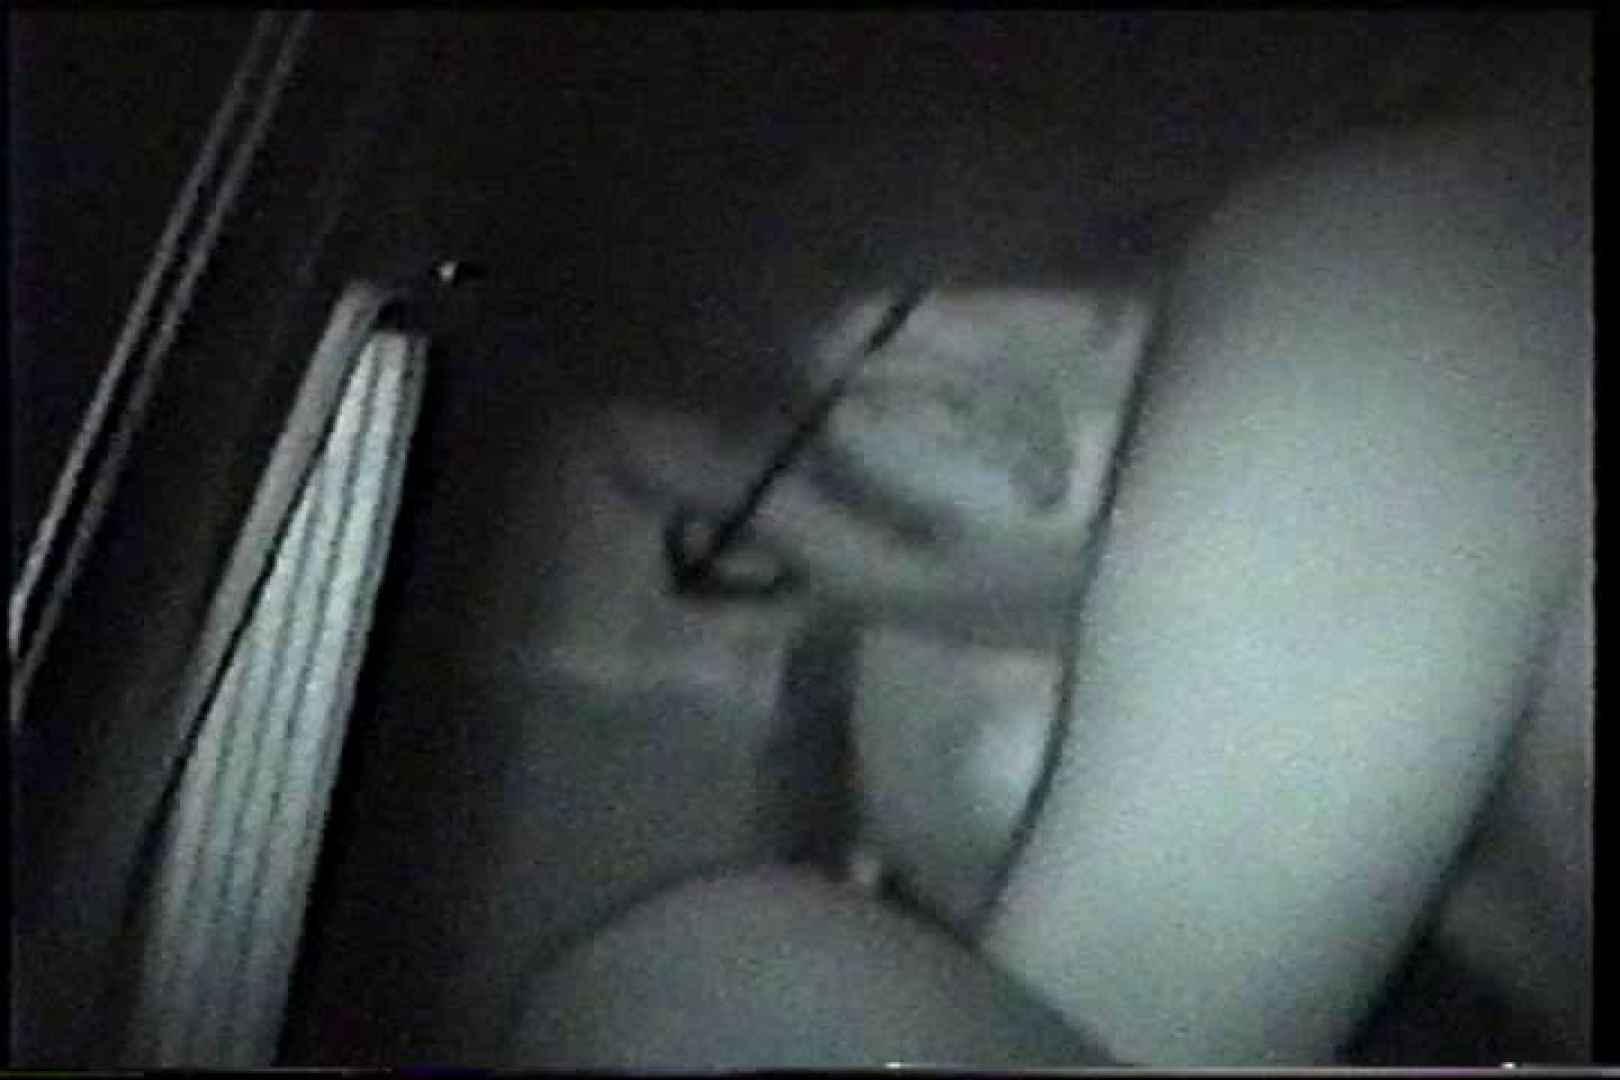 充血監督の深夜の運動会Vol.215 OLの実態  47pic 33